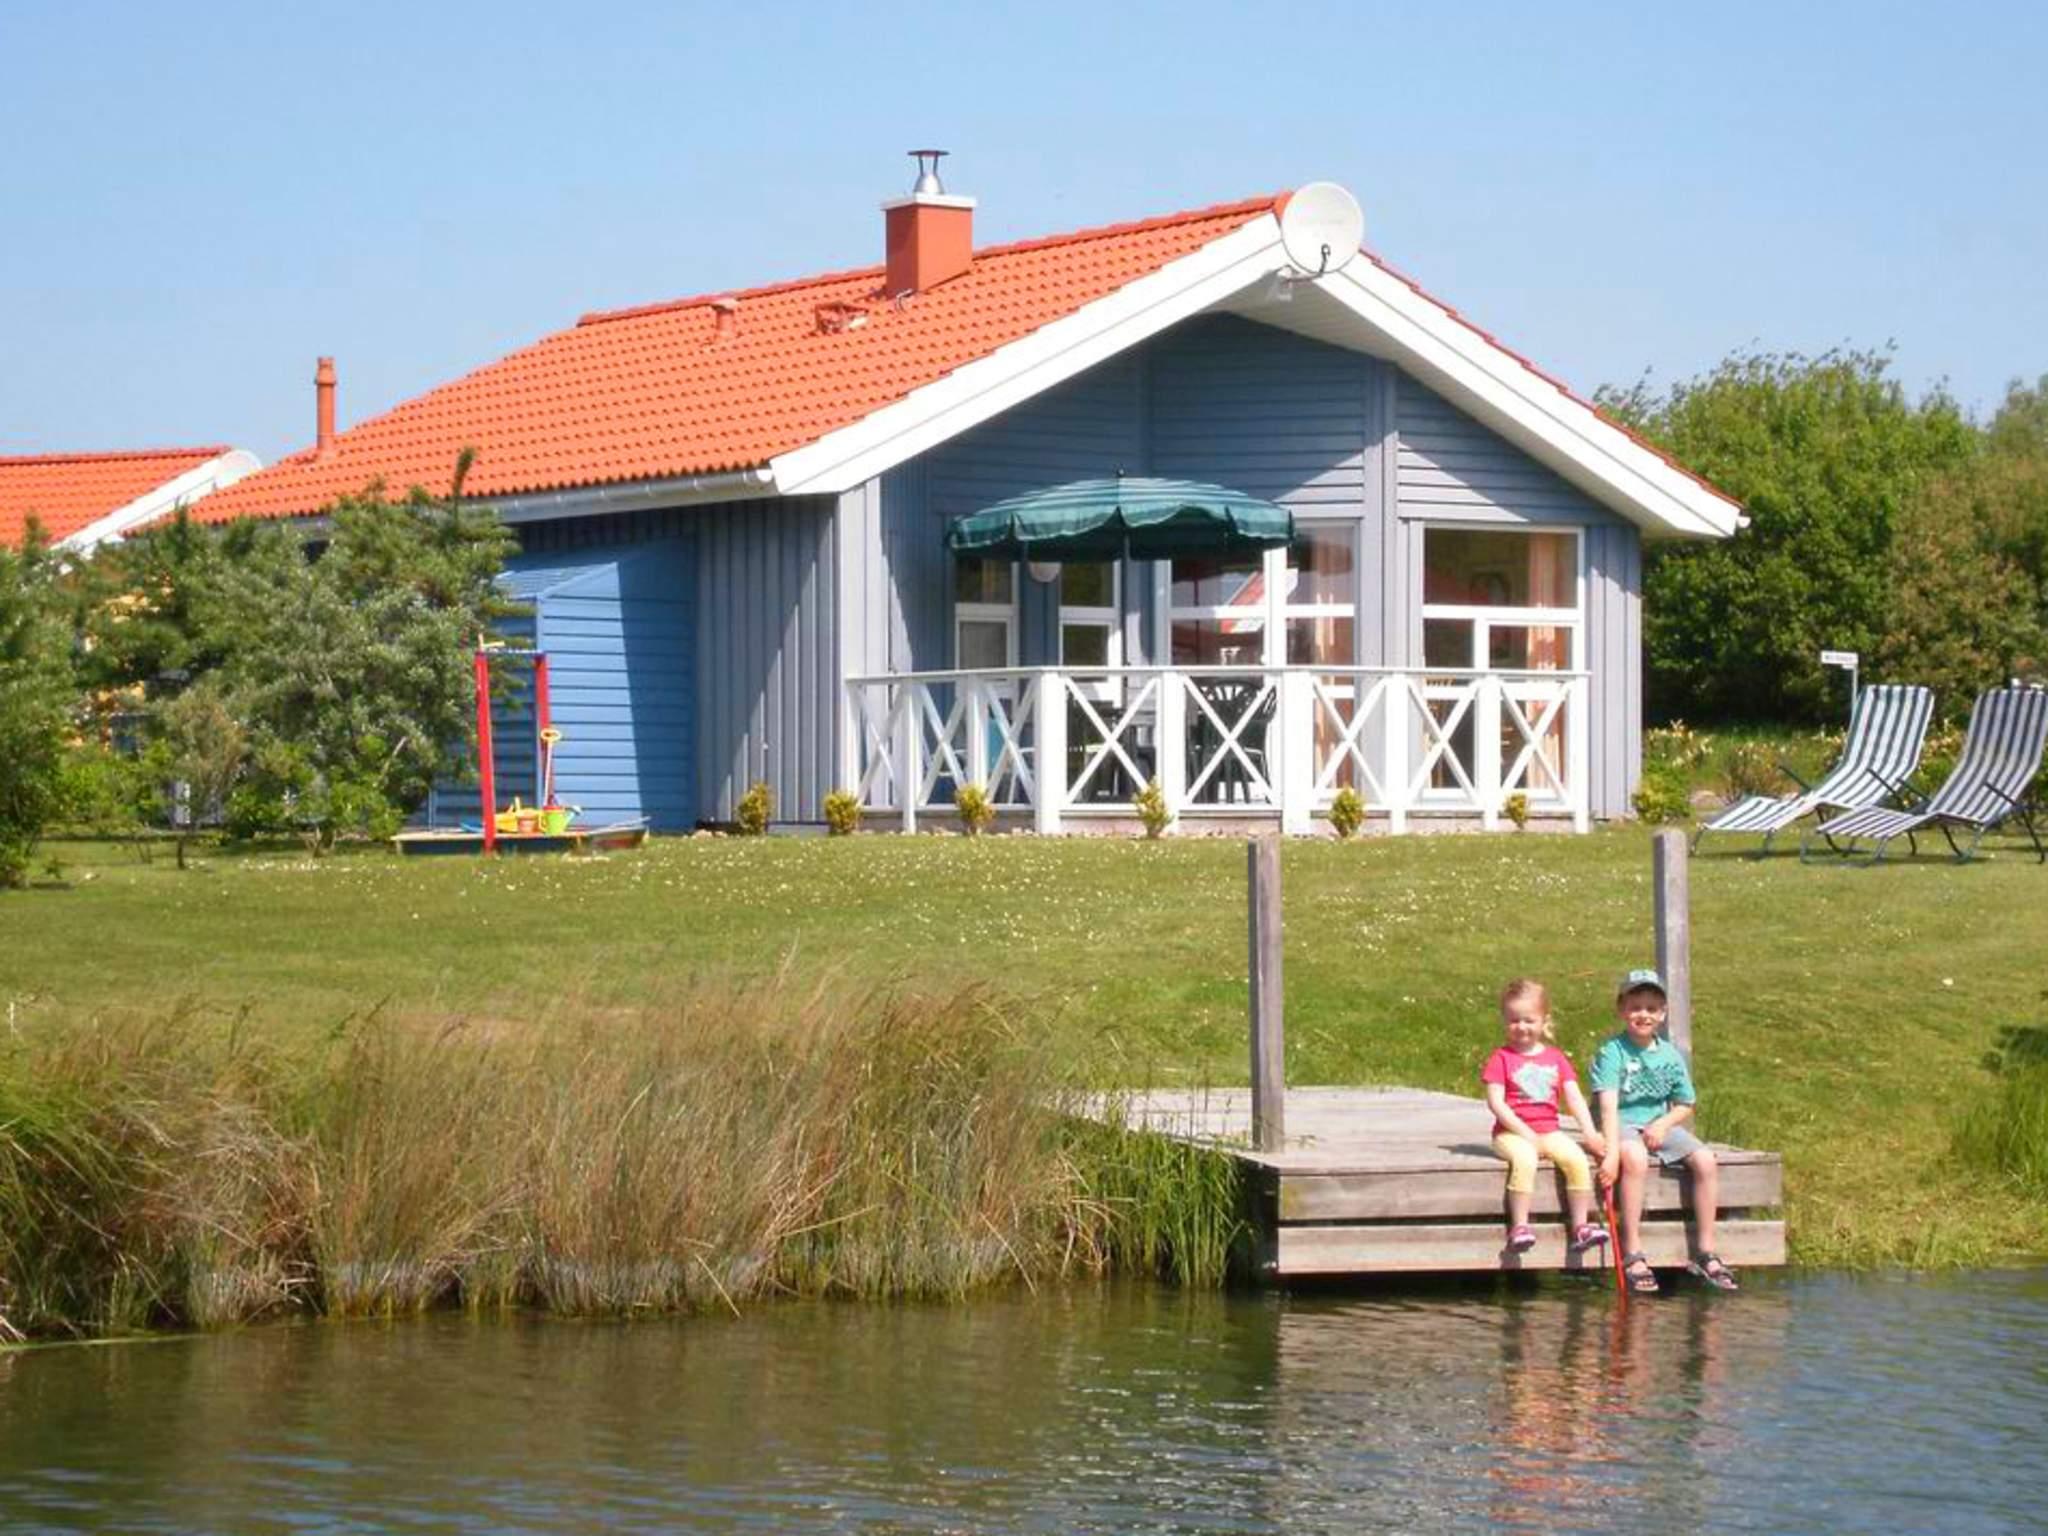 Ferienhaus Otterndorf Ferienhaus an der Nordsee